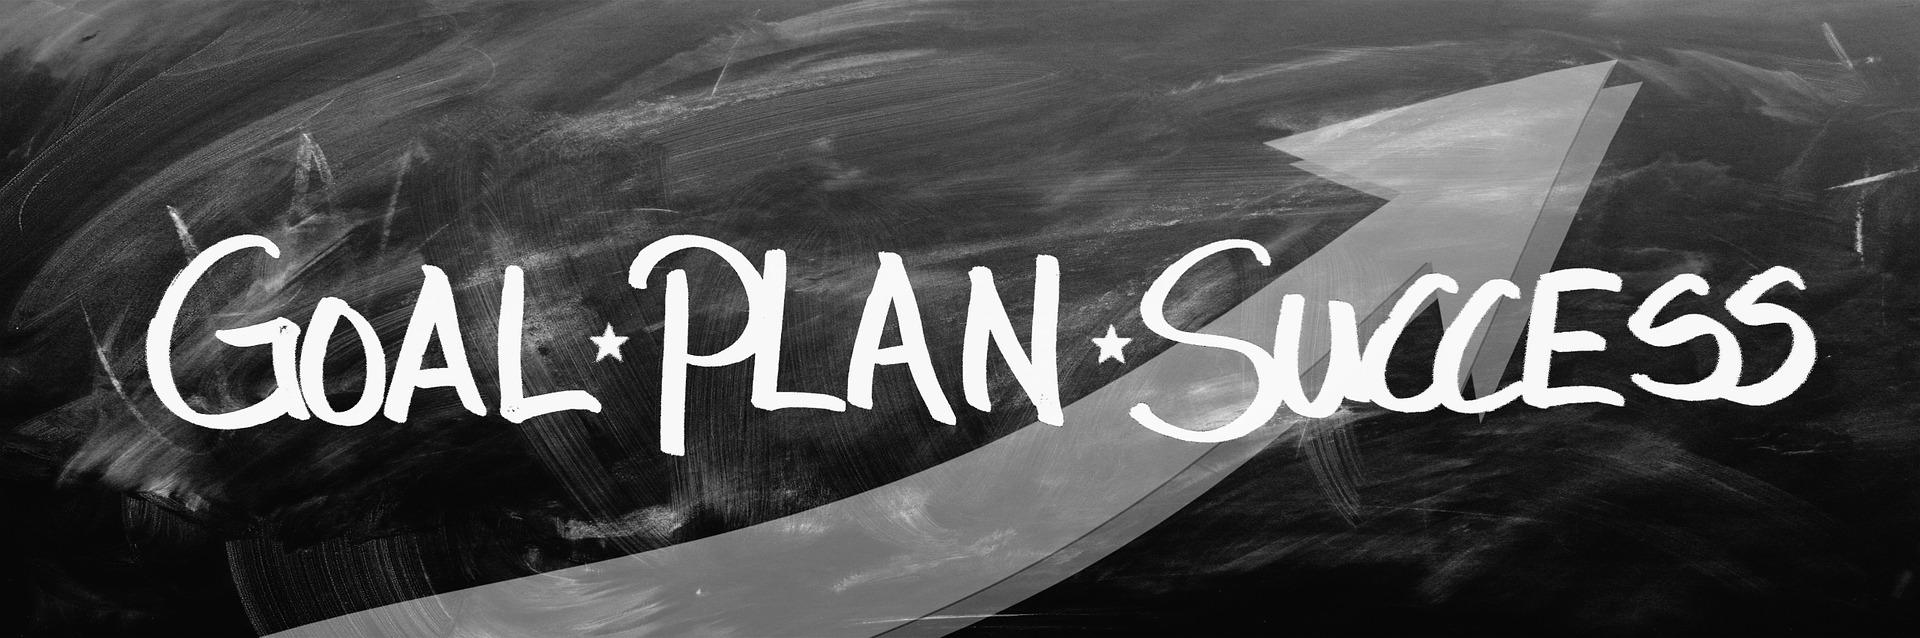 goal plan succes